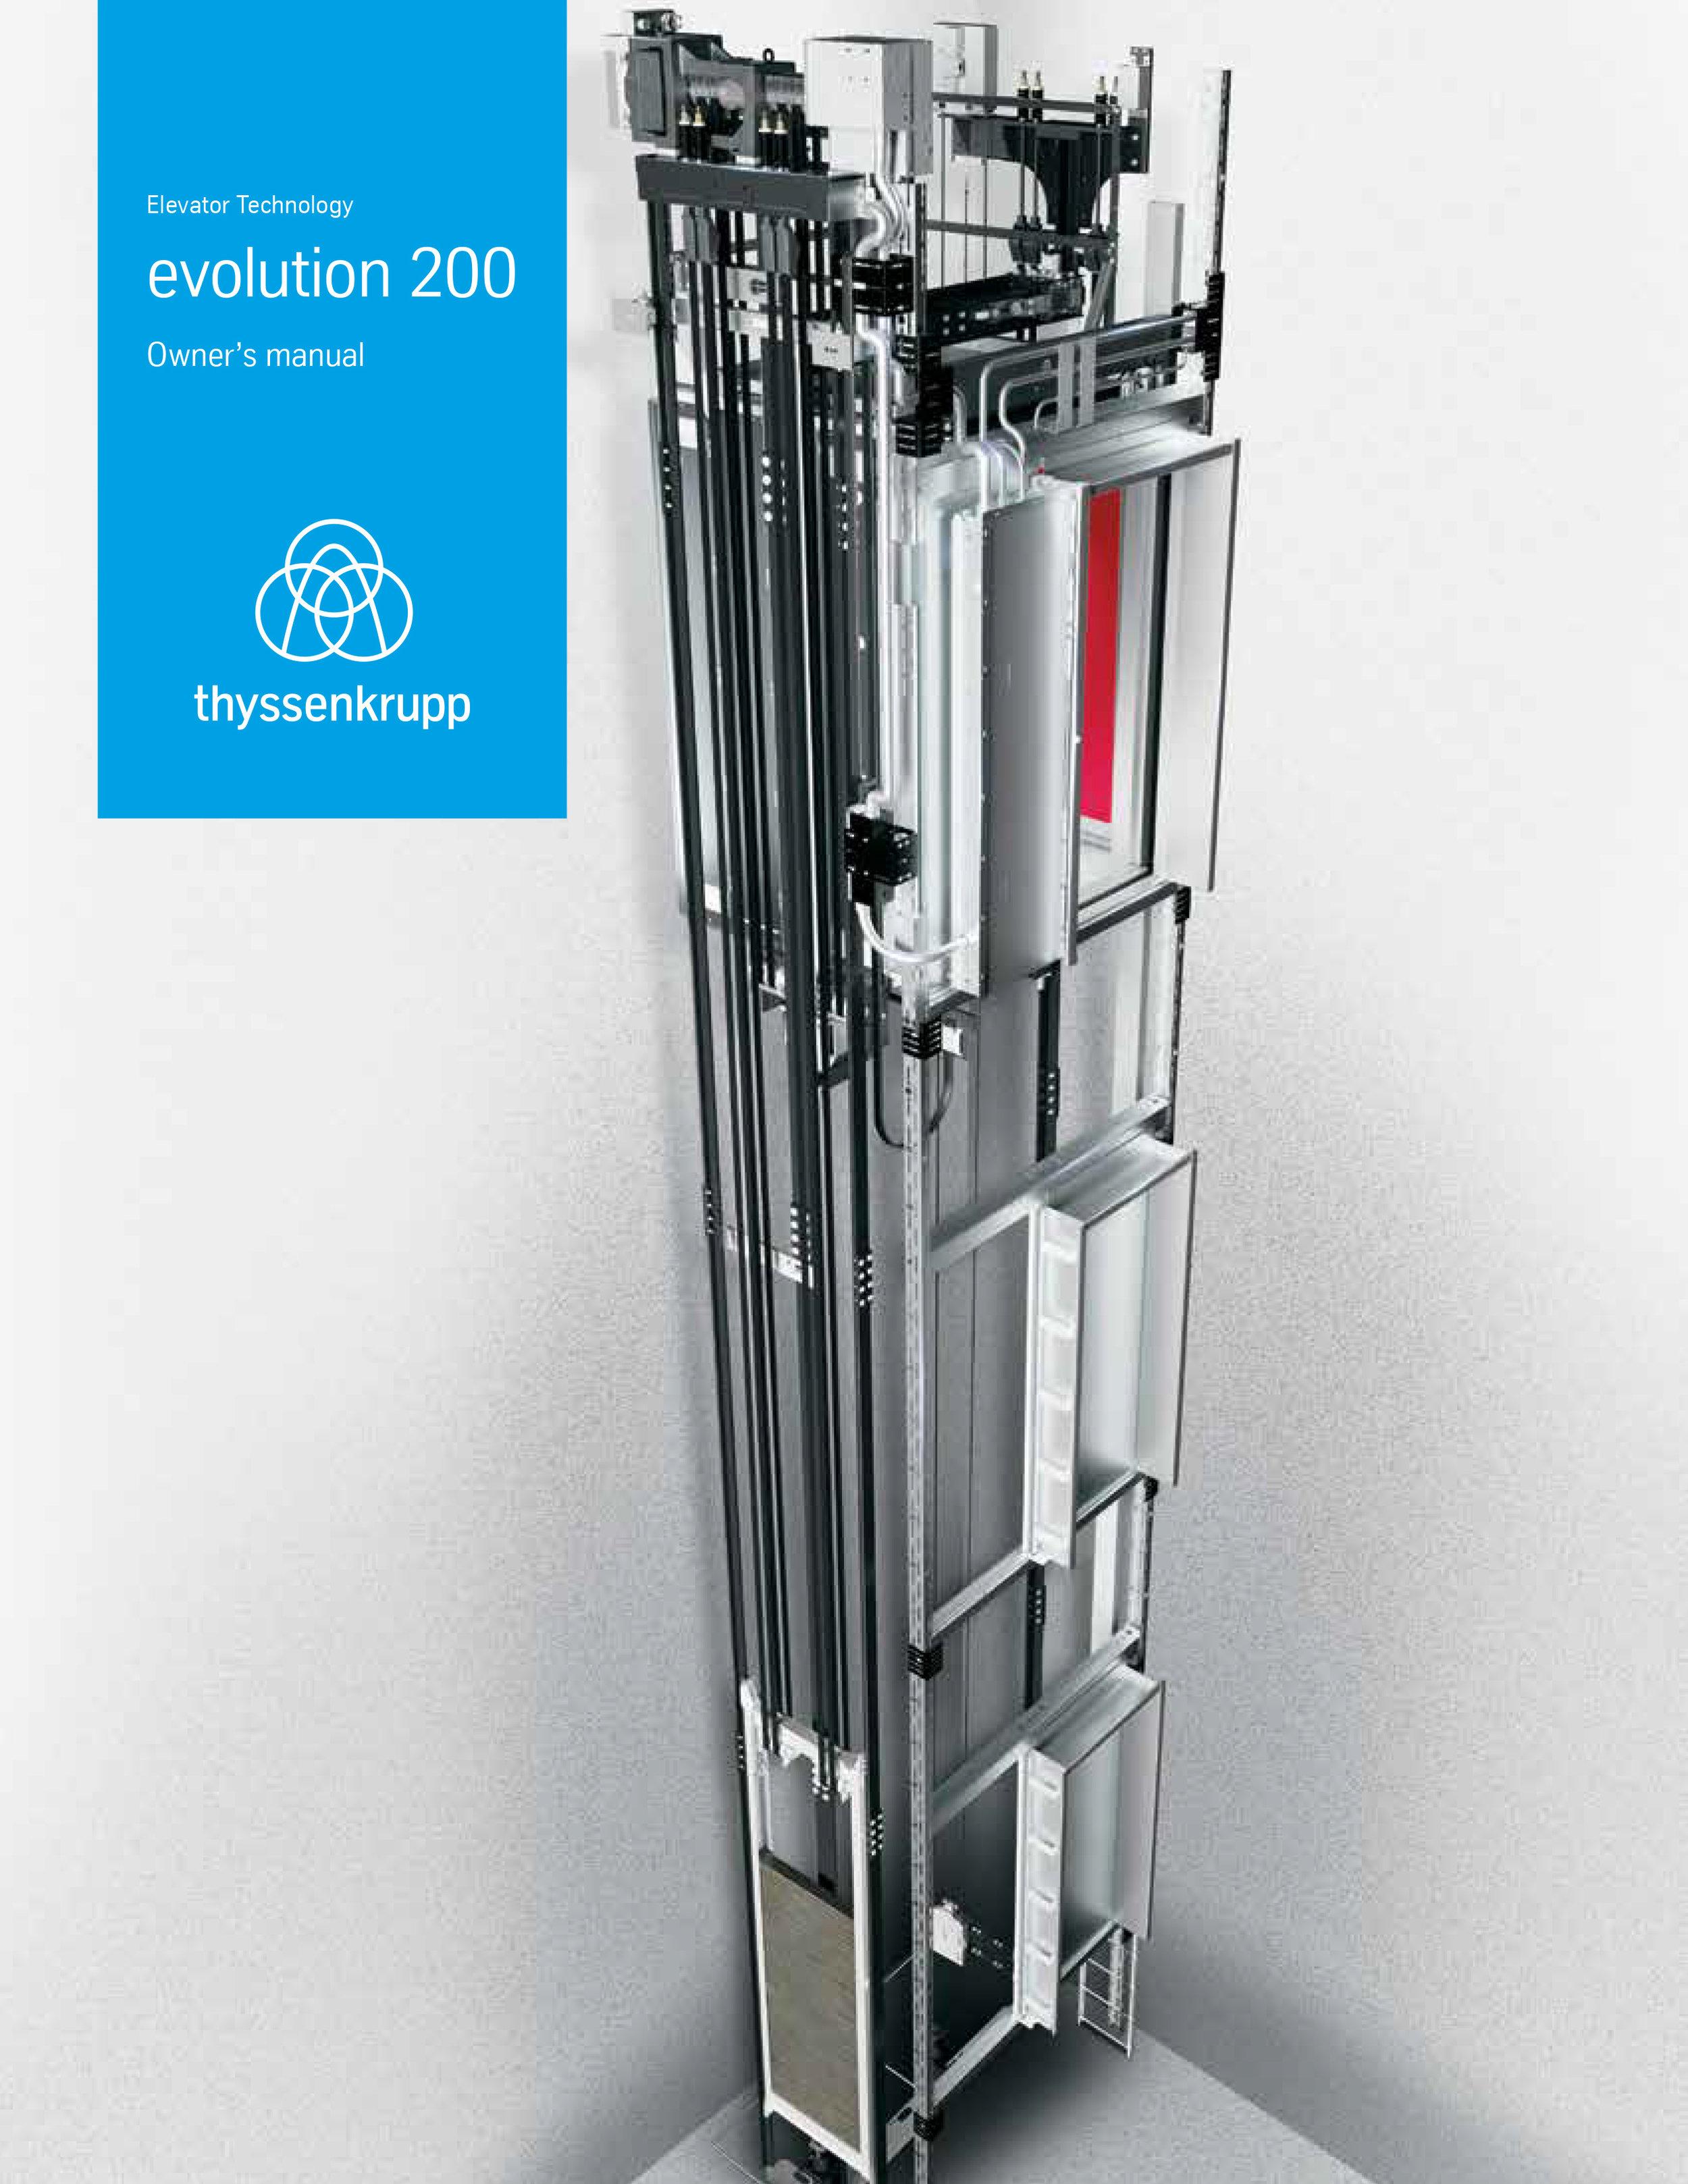 thy-8867-evolution-200-Owner's-Manual-brochure.jpg